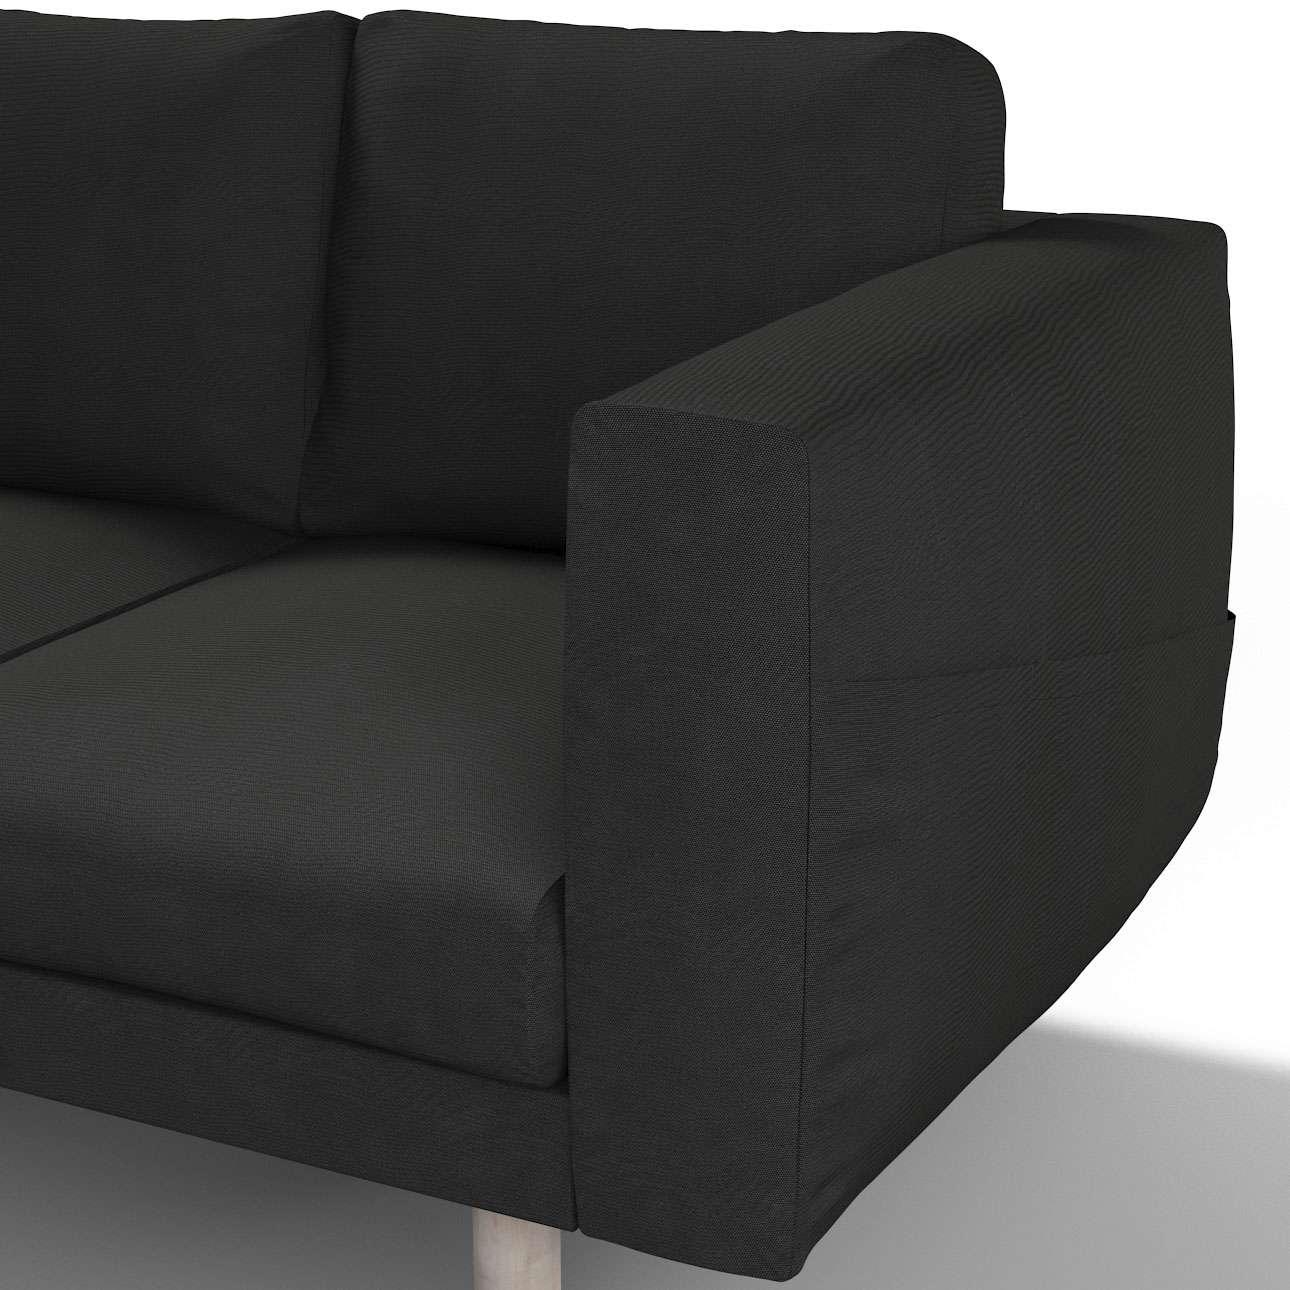 Pokrowiec na sofę Norsborg 3-osobową w kolekcji Etna, tkanina: 705-00